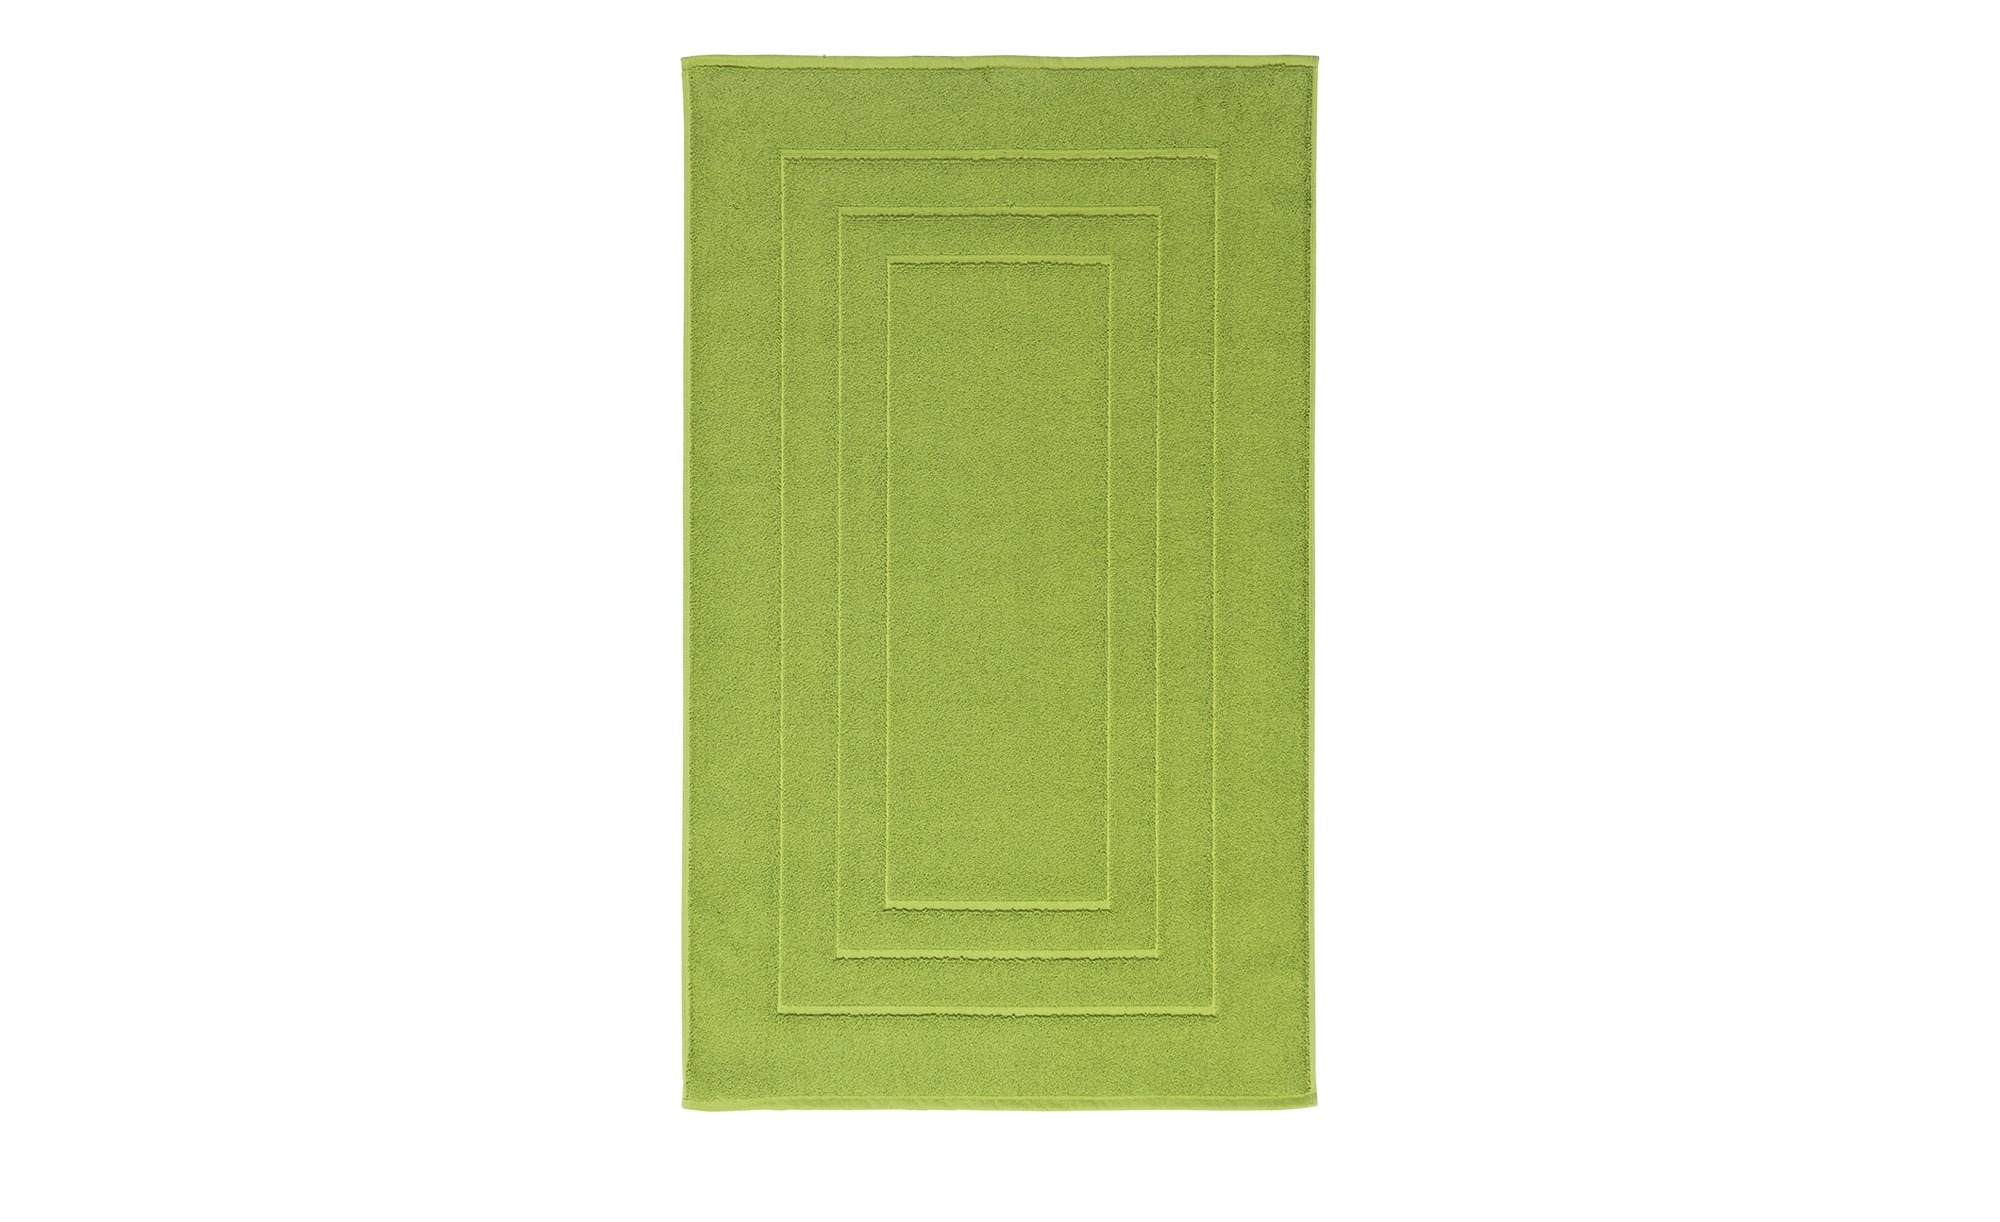 VOSSEN Badteppich  Calypso Feeling ¦ grün ¦ 100% Baumwolle Badtextilien und Zubehör > Badematten & Badvorleger - Höffner